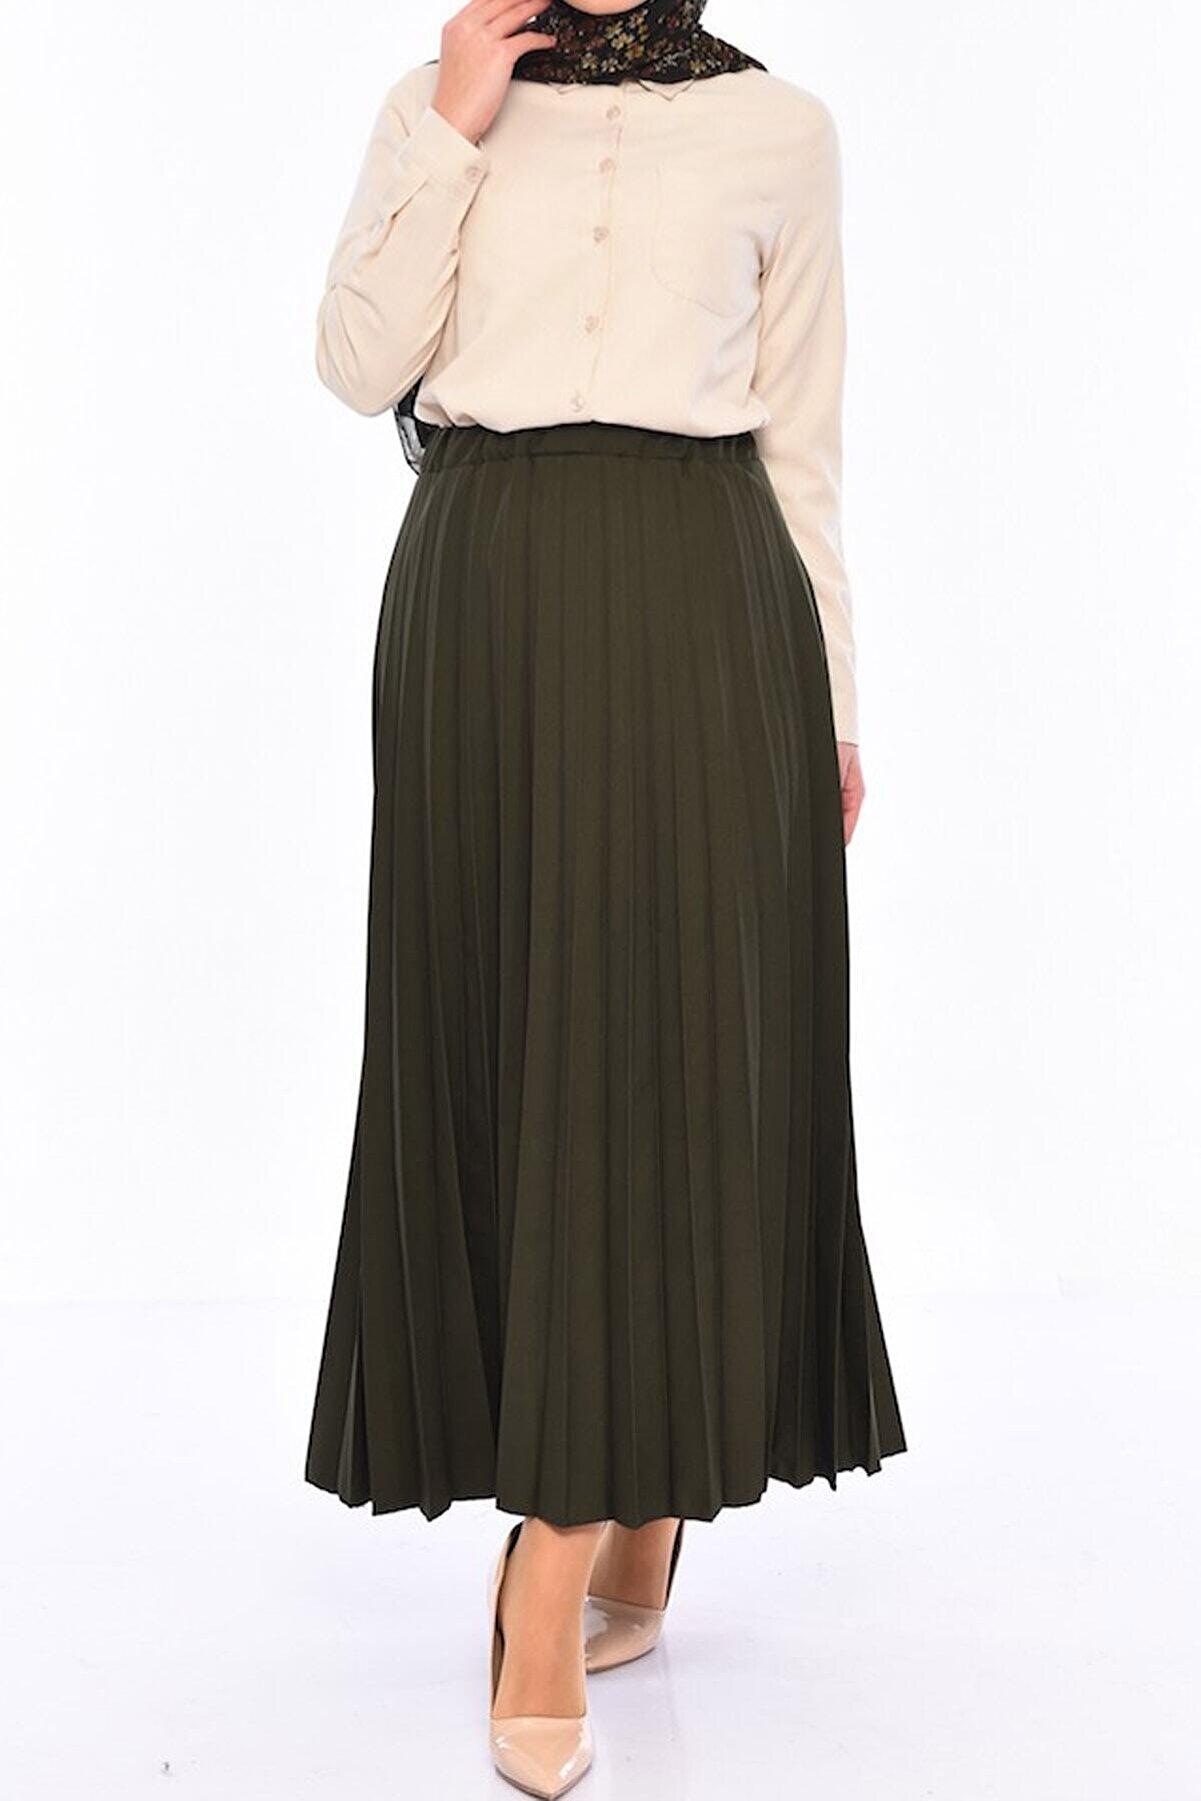 Essah Moda Kadın Yeşil Piliseli Uzun Etek - Me000223